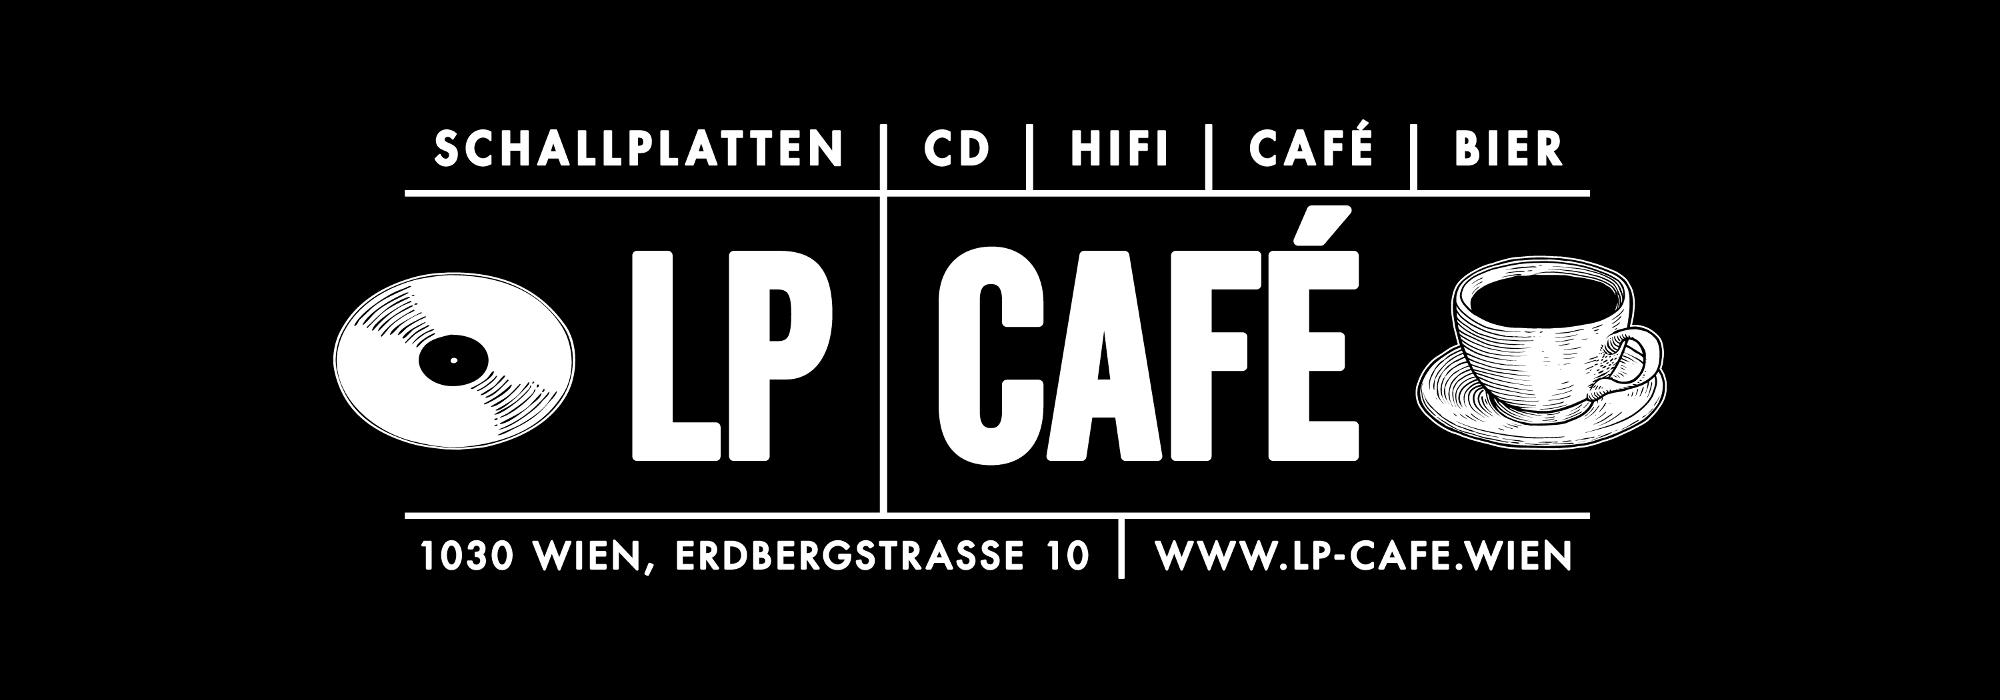 lp-cafe.wien